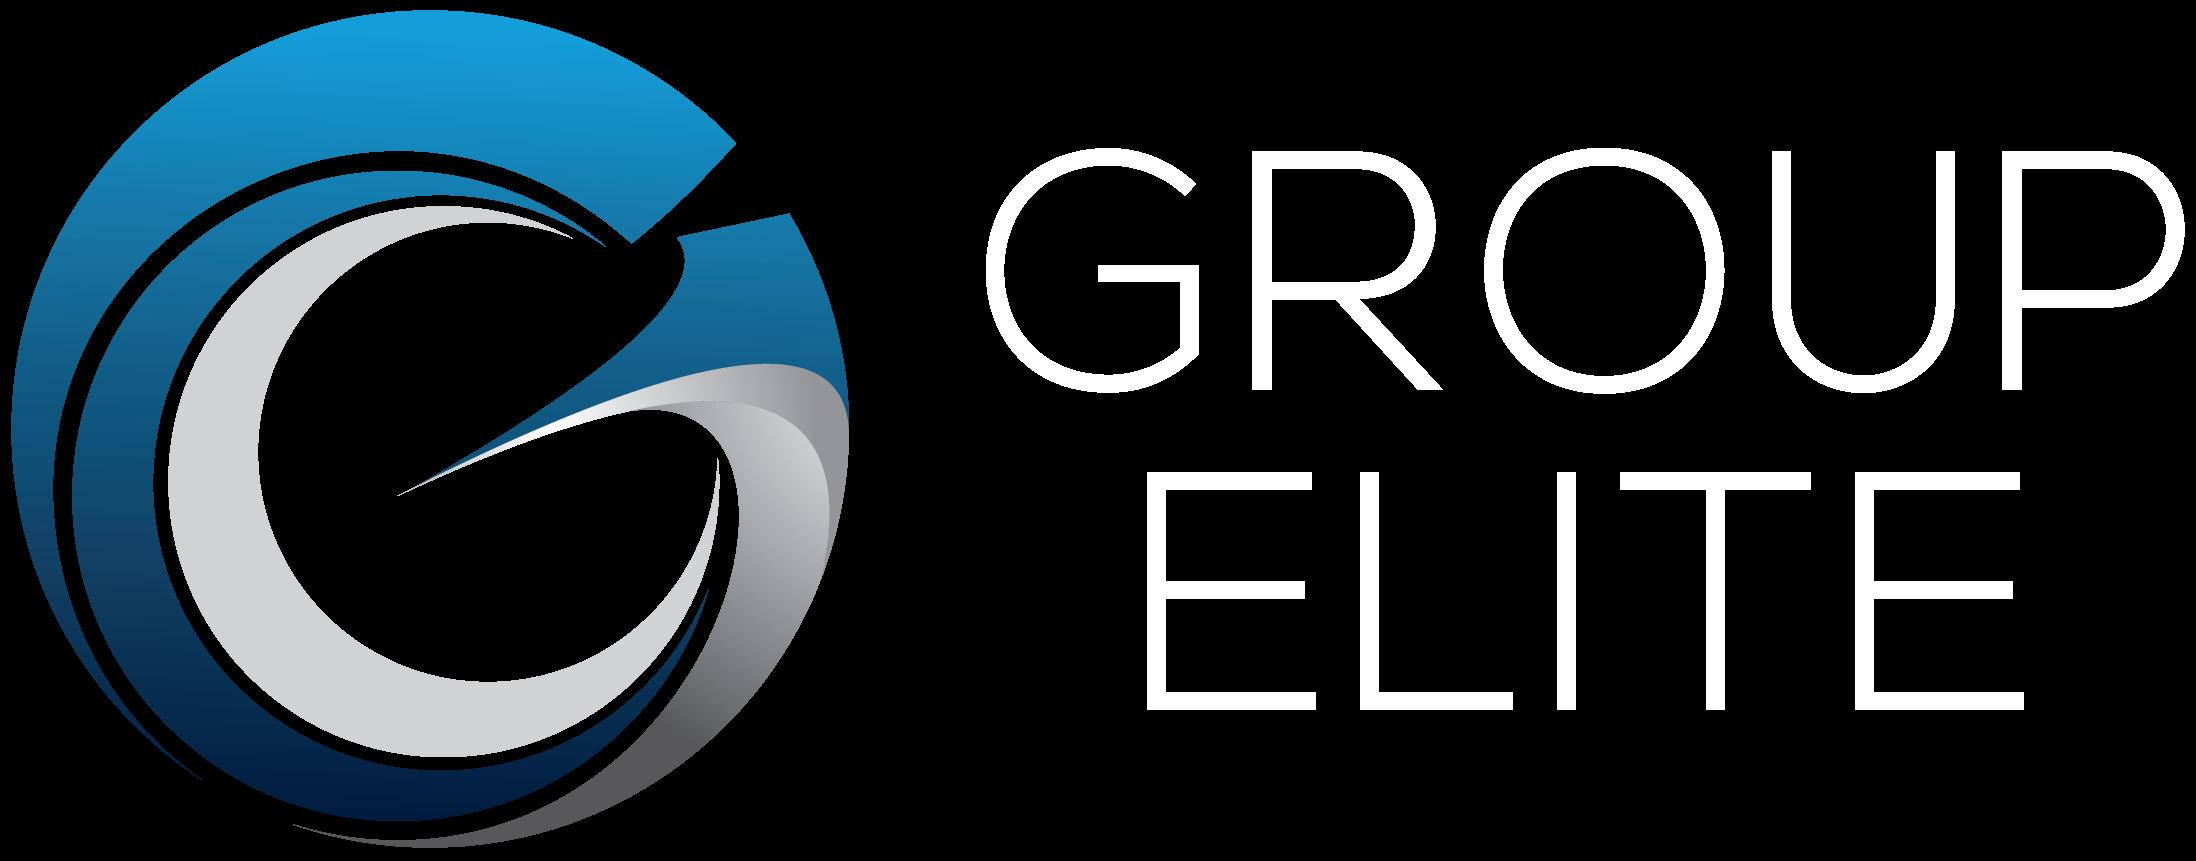 Group-Elite-logo-2020-upper left web